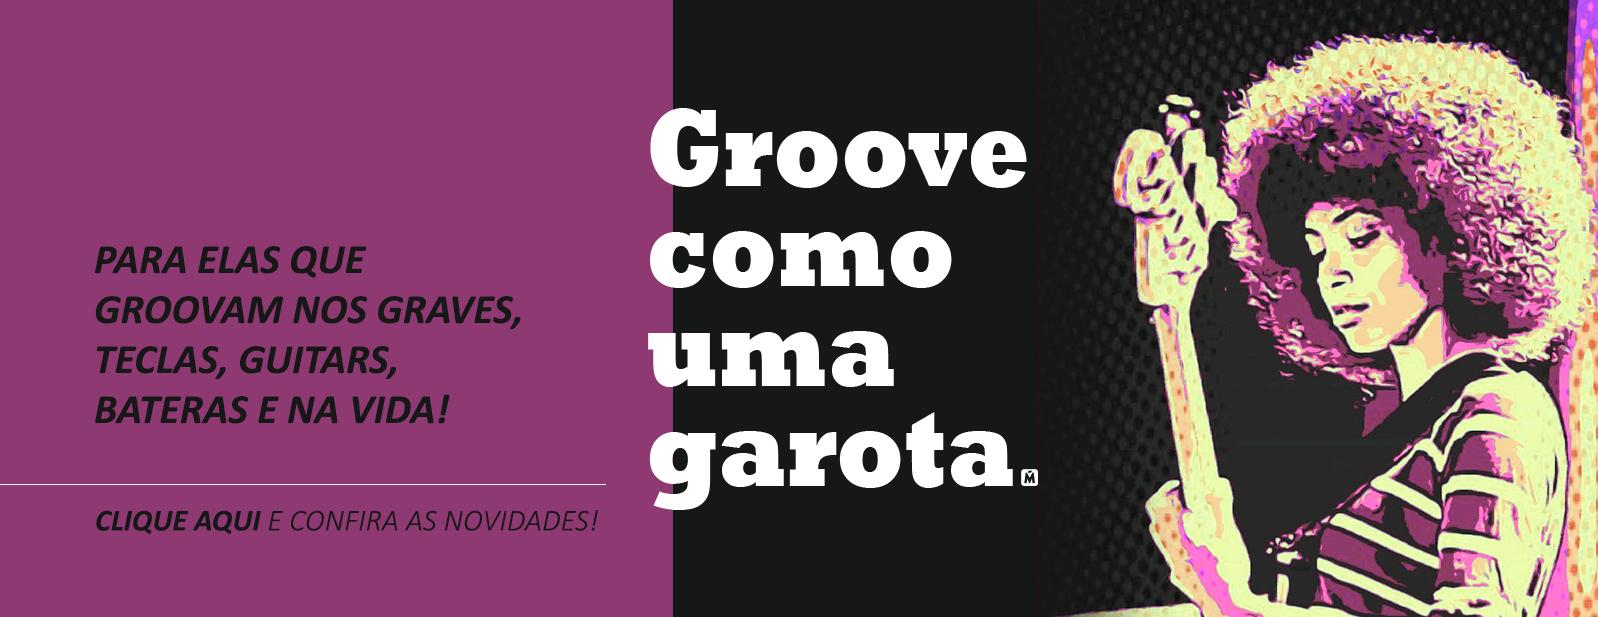 Groove Como uma Garota.